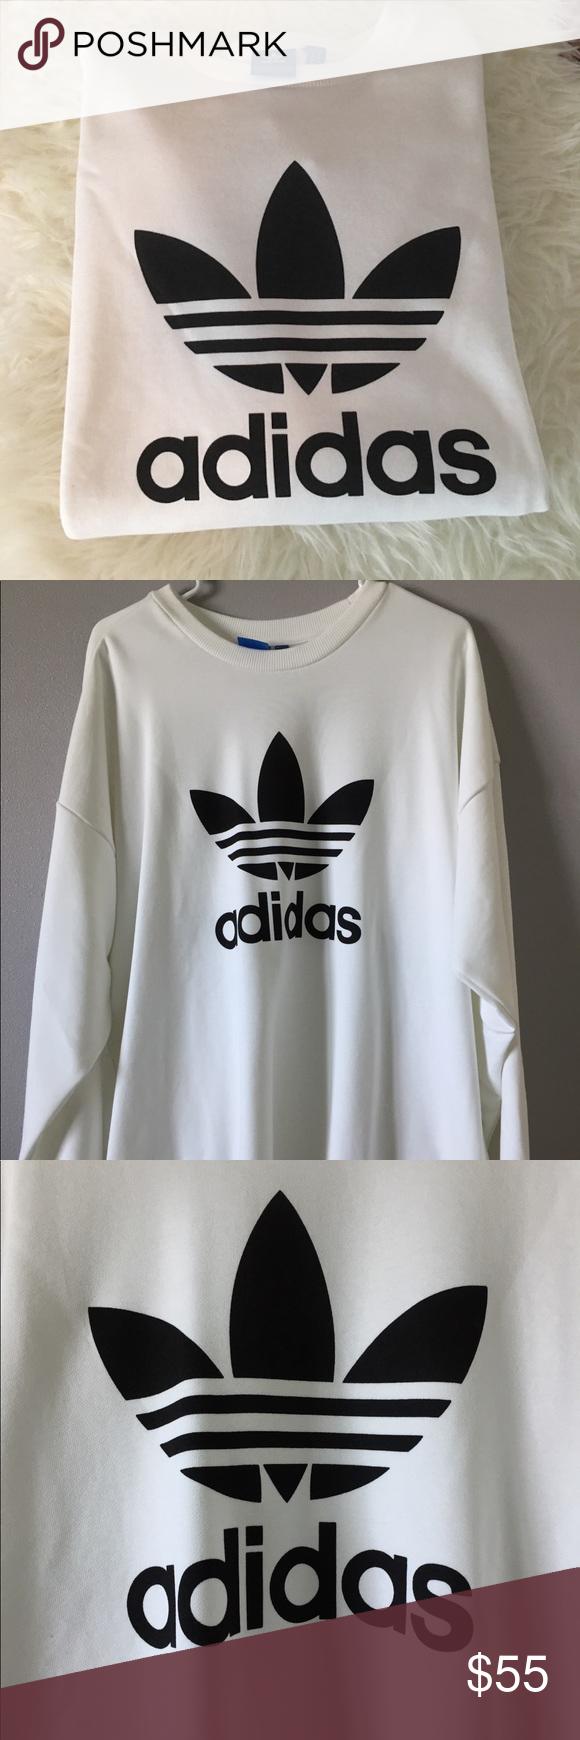 Adidas Originals Trefoil Oversized Sweatshirt Xl Oversized Sweatshirt Sweatshirts Adidas Originals [ 1740 x 580 Pixel ]